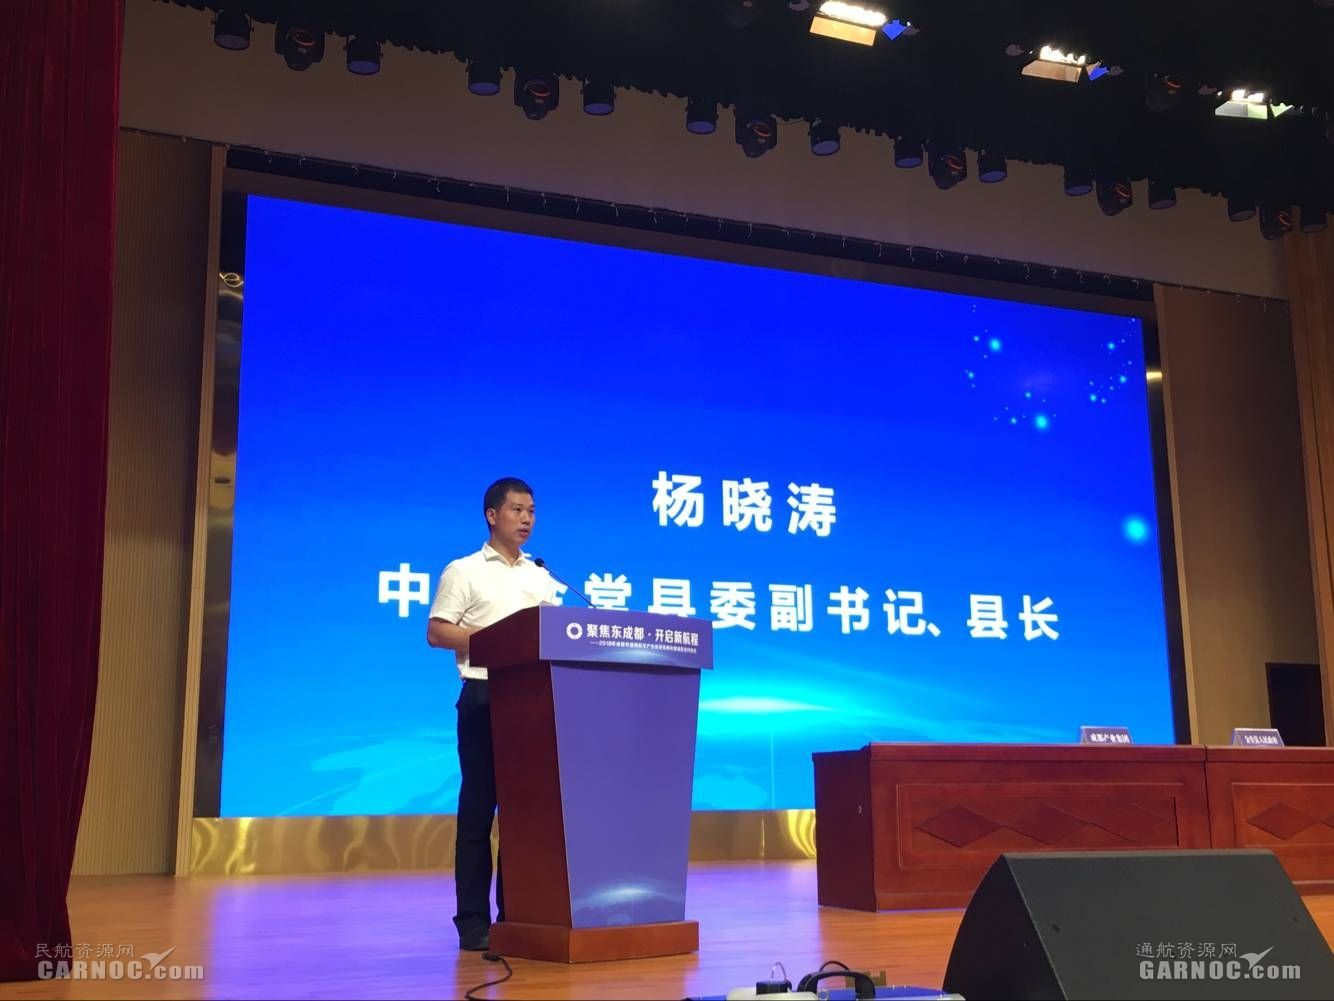 引资123亿!成都通用航空产业投资签约仪式举行 新闻动态-飞翔通航(北京)服务有限责任公司